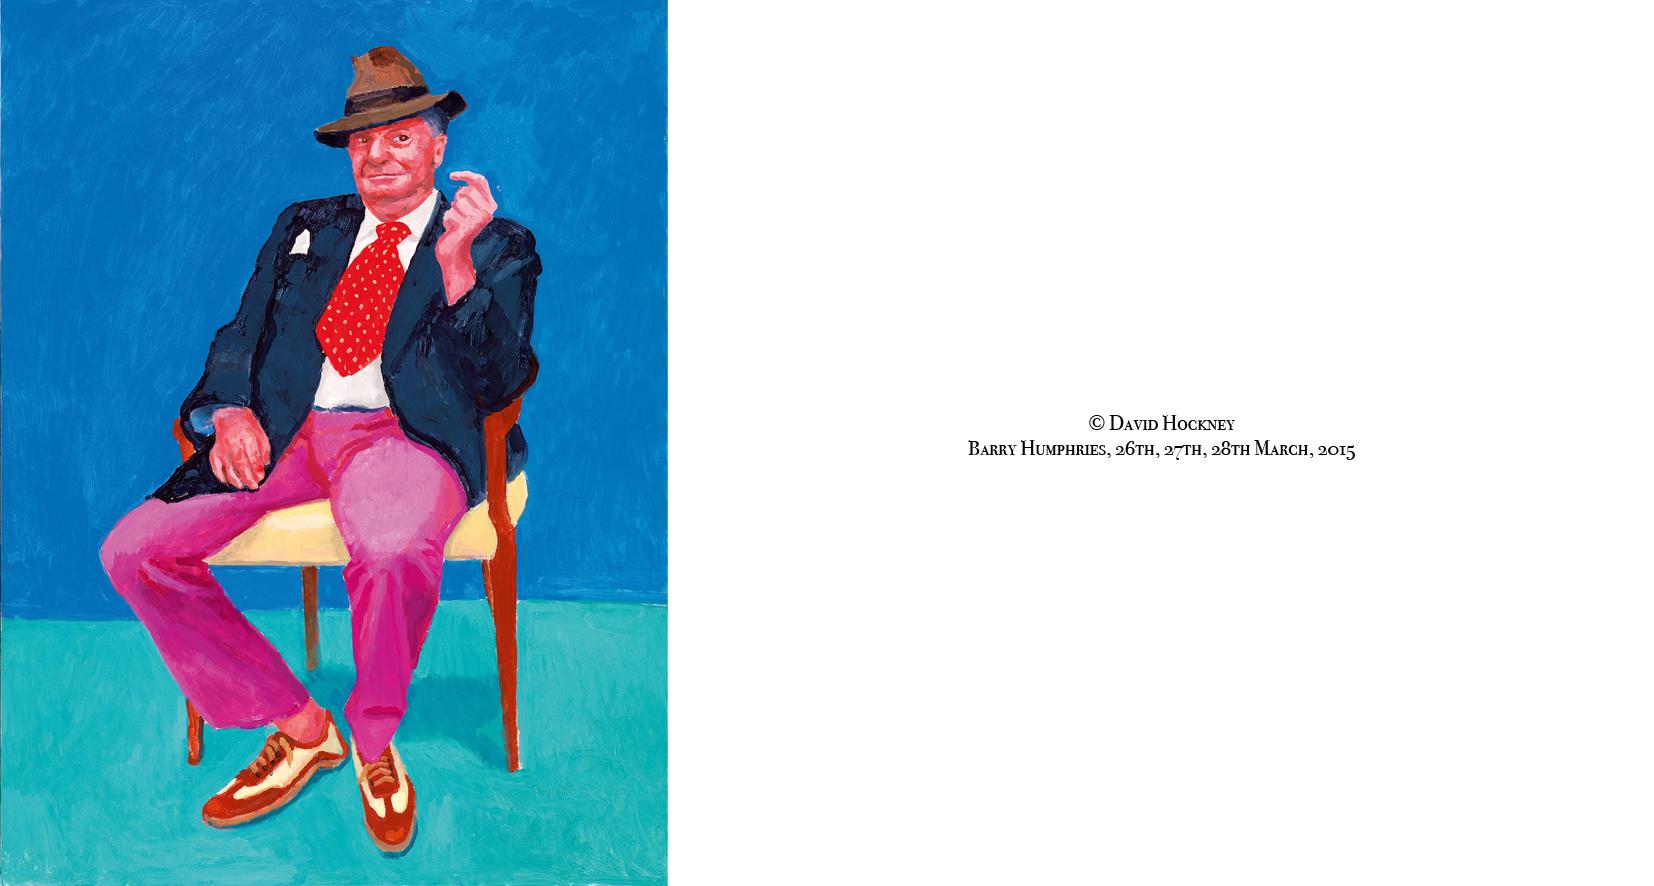 David-Hockney-02A.jpg